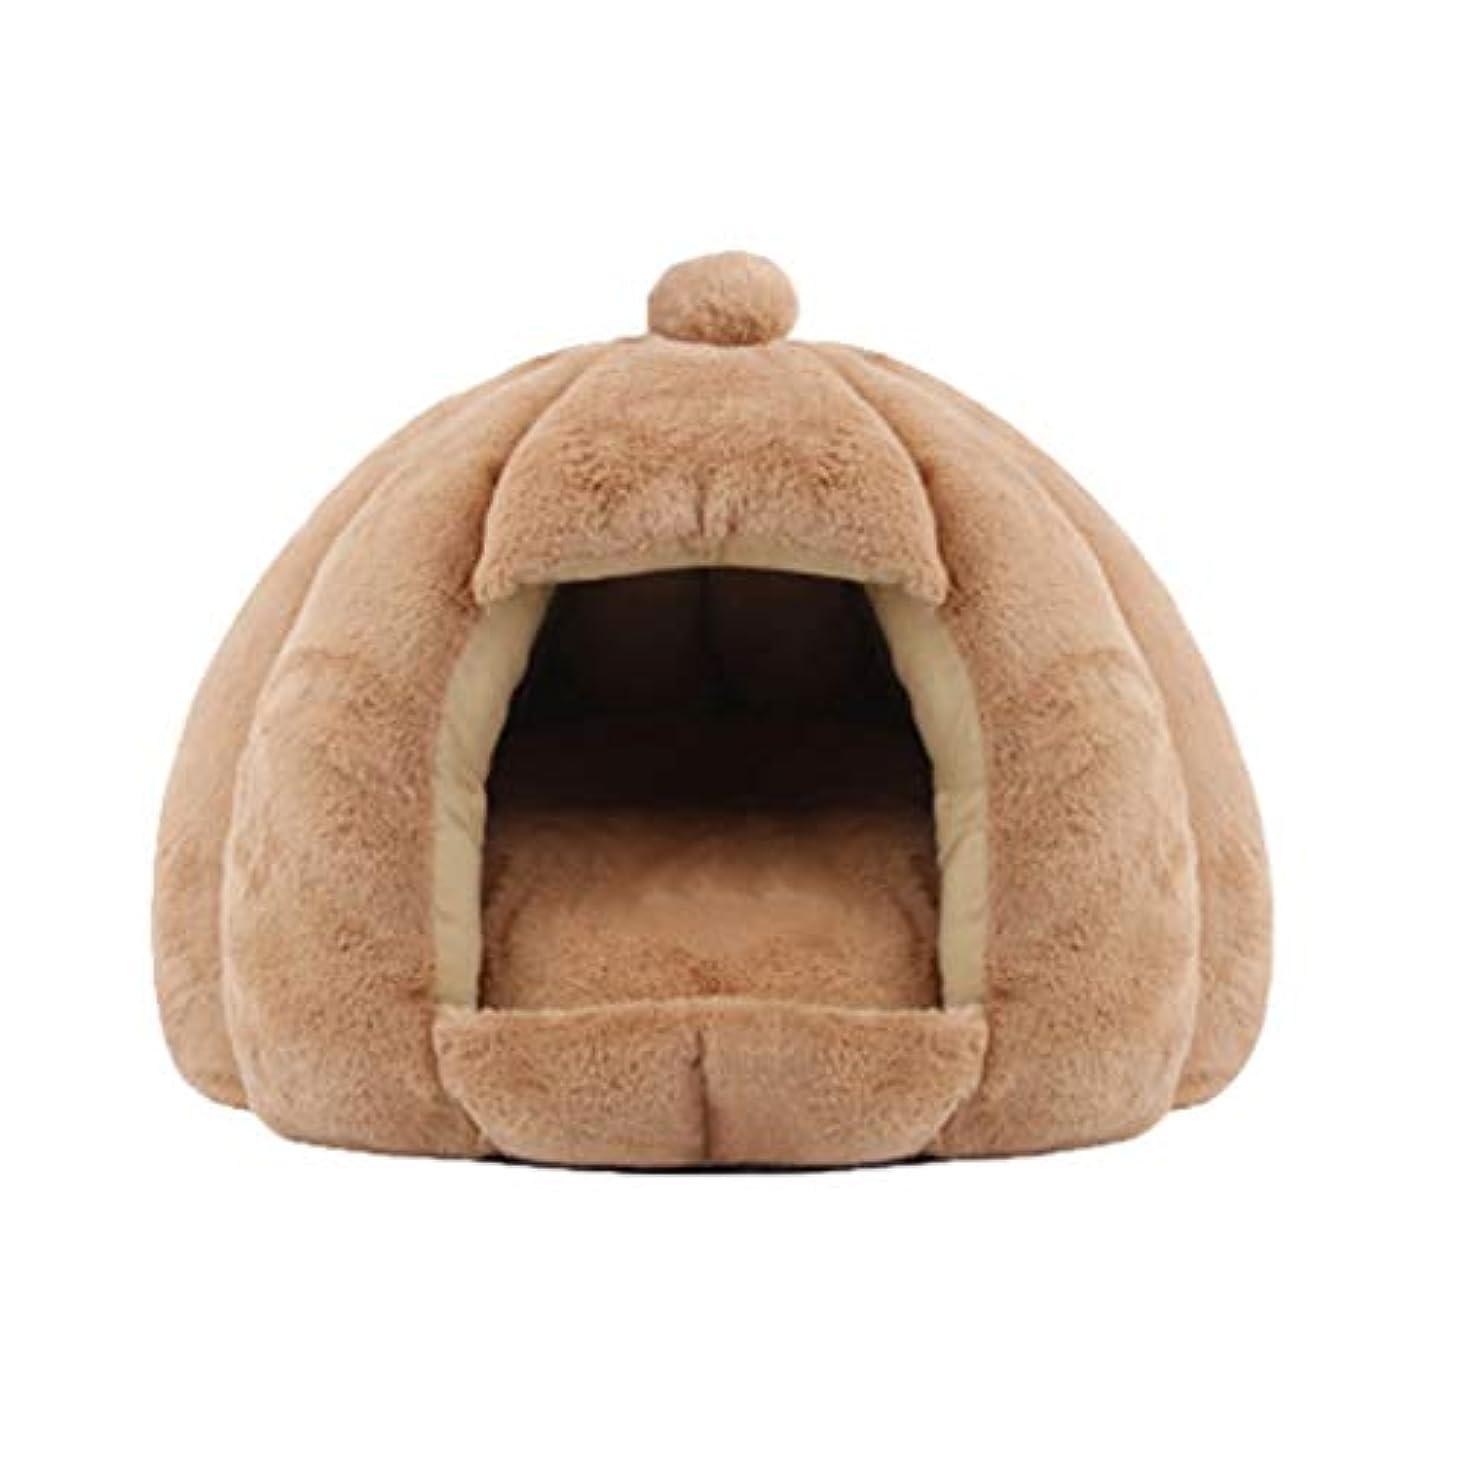 グロー花輪抱擁小型犬猫、暖かい犬のベッド、猫のためのコージー洞窟の巣のためのペットテント、洞窟ベッド,ピンク